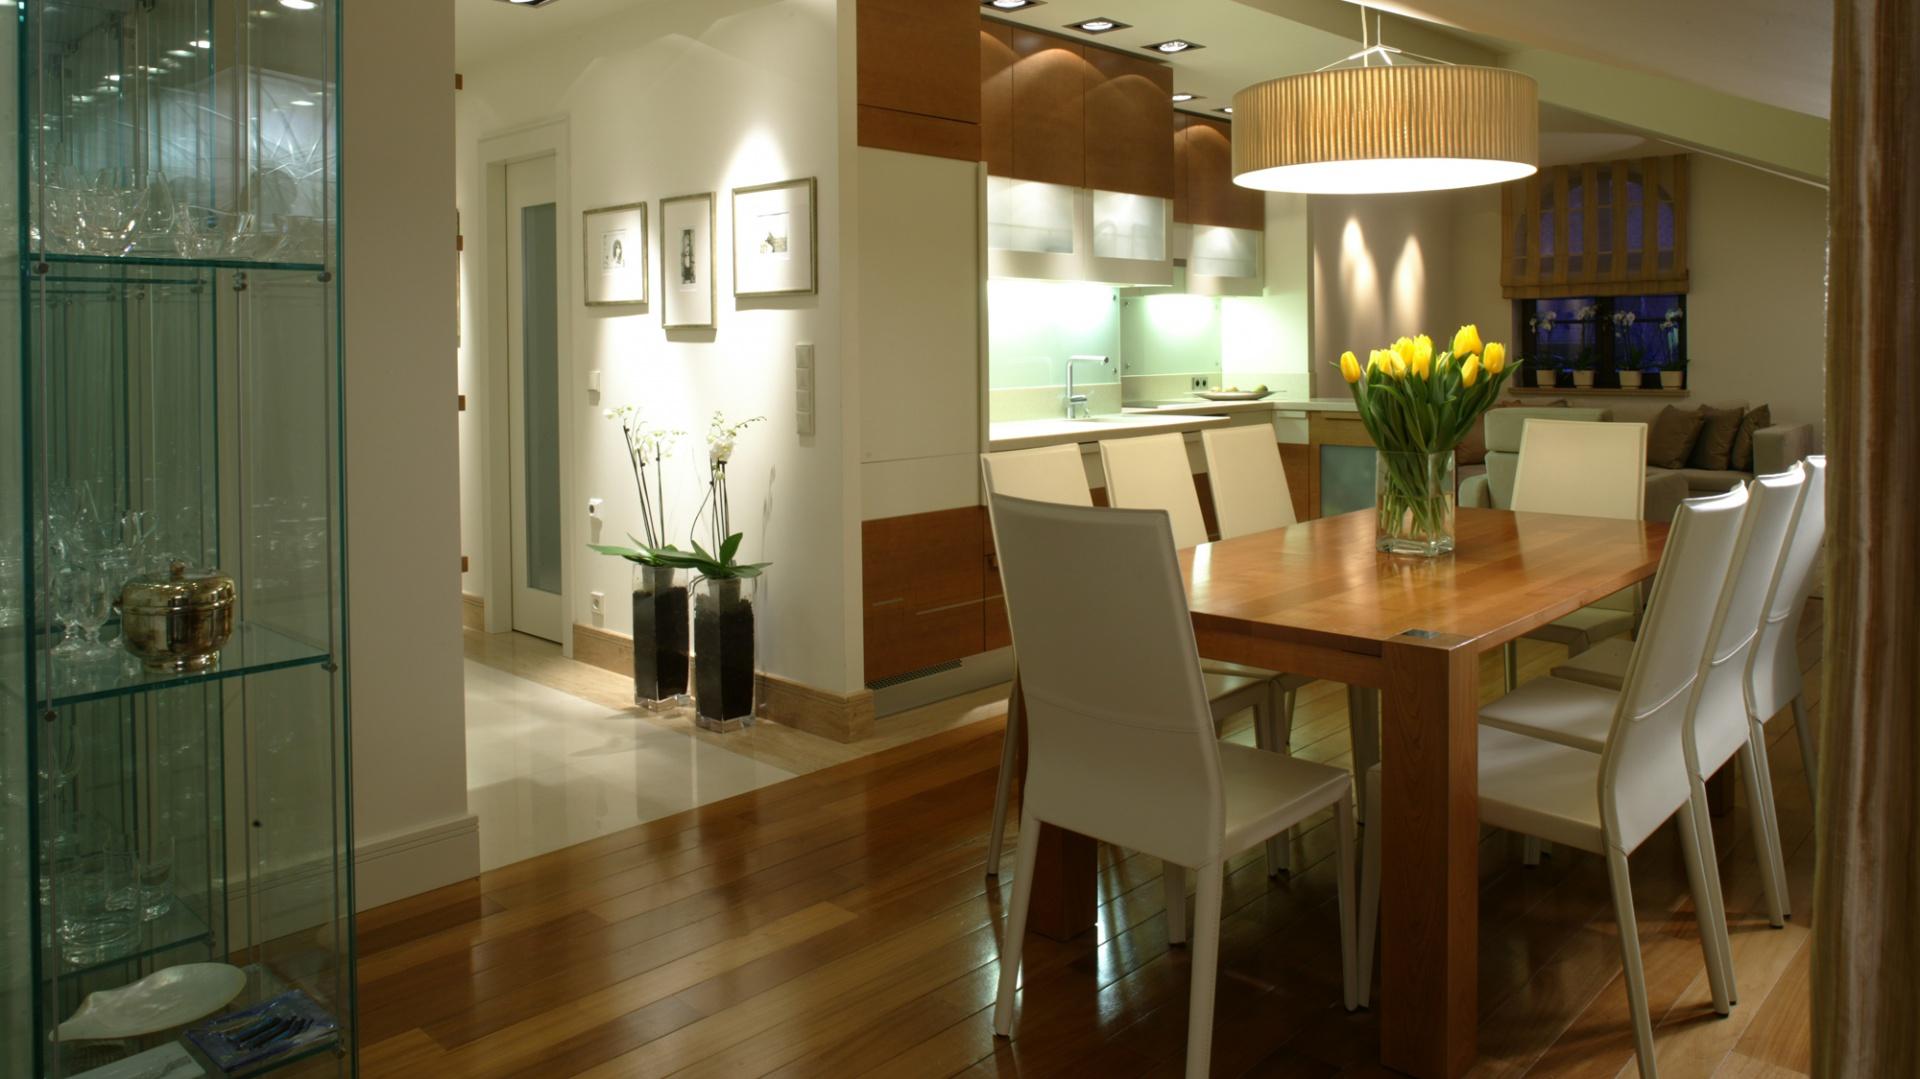 Jadalnia, kuchnia i salon tworzą jedną, otwarta przestrzeń. W centrum postawiono czereśniowy stół otoczony kompletem krzeseł w skórzanej tapicerce. Większość frontów zabudowy kuchennej wykonano z lakierowanego mdf-u (orzech barwiony). Fot. Bartosz Jarosz.